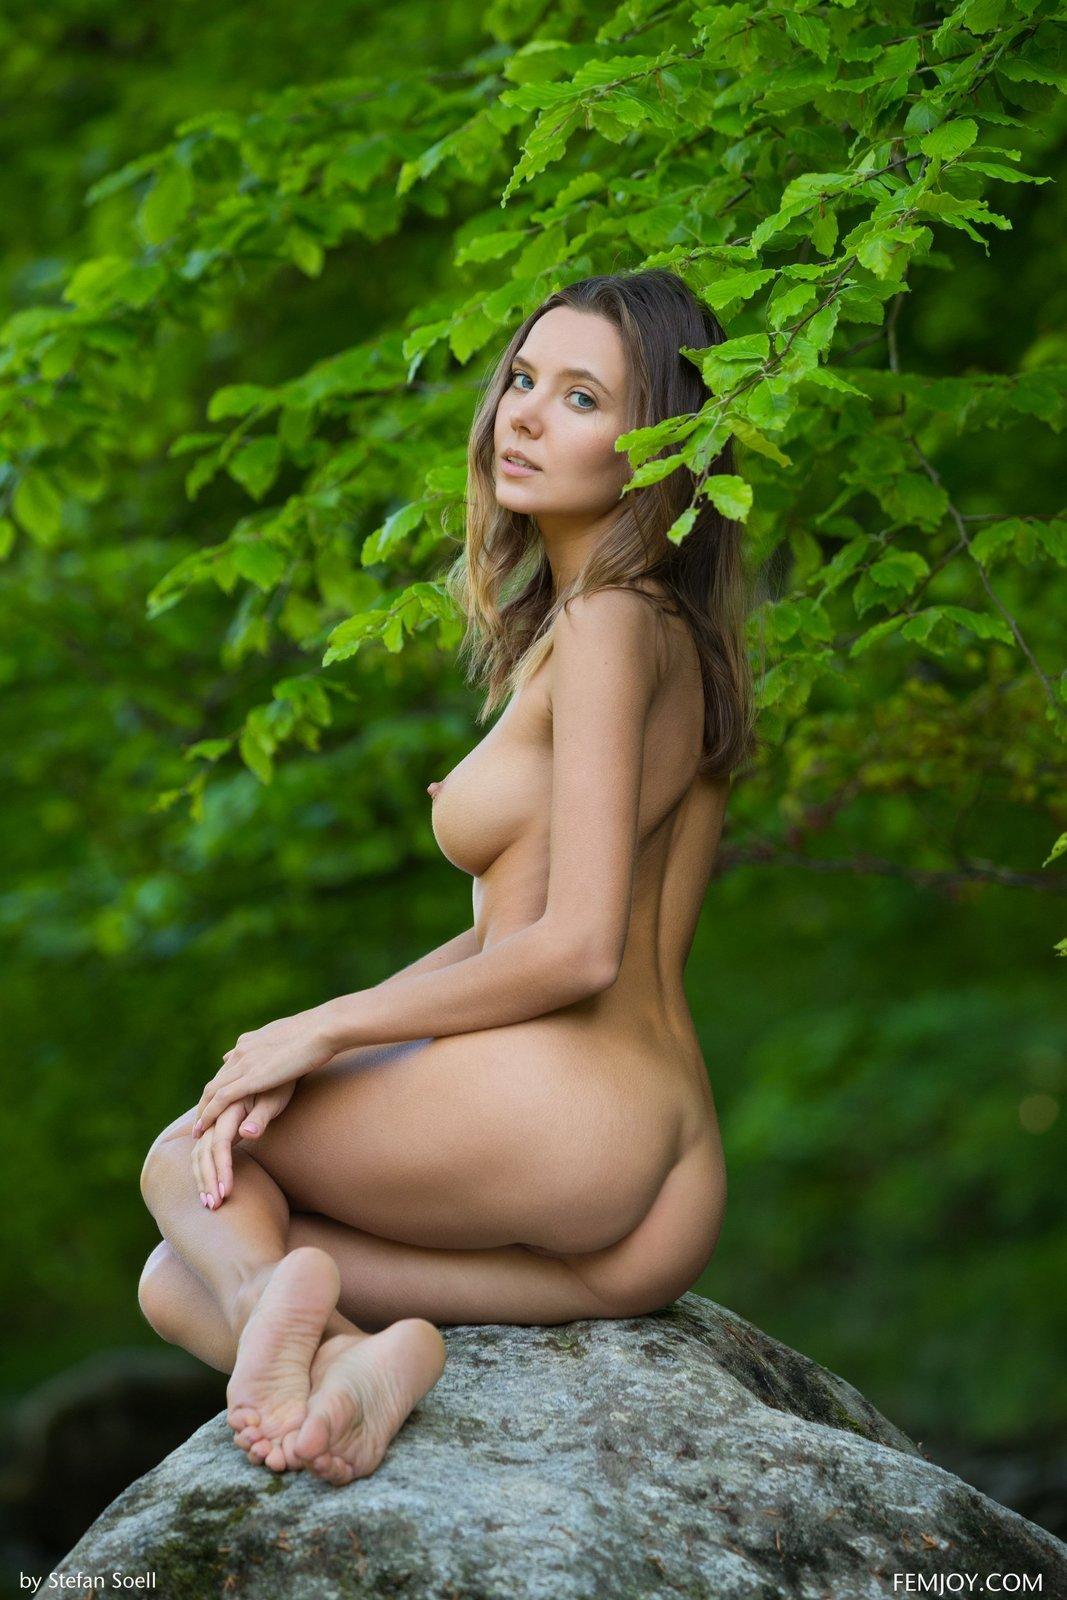 Голая красавица с идеальной упругой грудью у речки